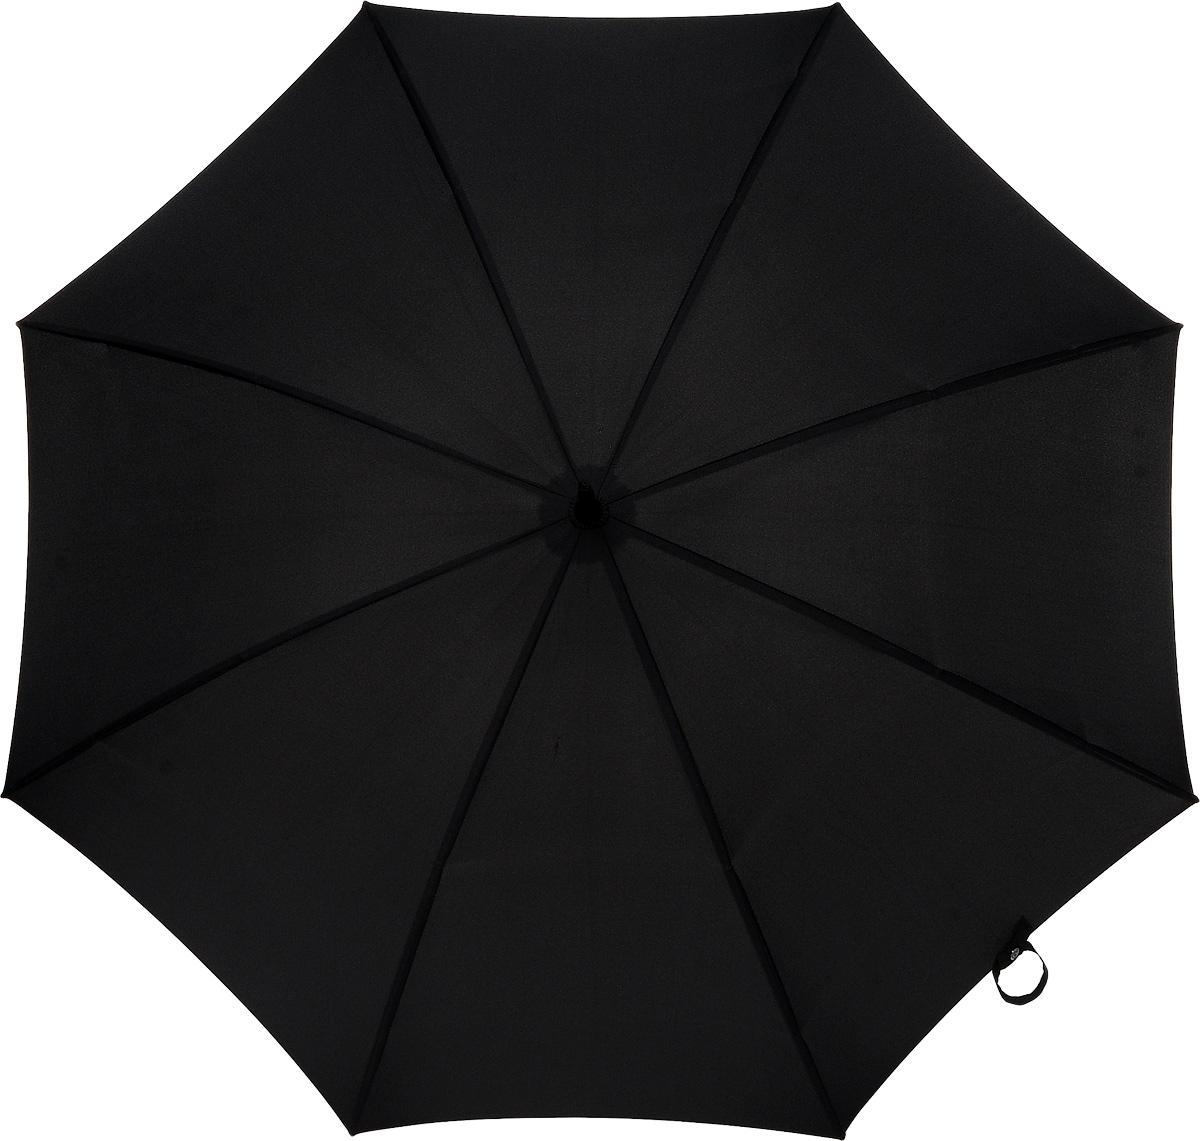 Зонт-трость мужской Huntsman, механический, цвет: черныйП300020005-20Стильный механический зонт-трость Huntsman даже в ненастную погоду позволит вам оставаться элегантным. Усиленный каркас зонта выполнен из 8 двойных спиц из фибергласса, стержень изготовлен из стали. Купол зонта выполнен из прочного полиэстера черного цвета. Рукоятка закругленной формы разработана с учетом требований эргономики и выполнена из дерева. Зонт имеет механический тип сложения: купол открывается и закрывается вручную до характерного щелчка.Такой зонт не только надежно защитит вас от дождя, но и станет стильным аксессуаром. Характеристики:Материал: полиэстер, сталь, фибергласс, дерево. Диаметр купола: 106 см.Цвет: черный. Длина стержня зонта: 78 см. Длина зонта (в сложенном виде): 90 см.Вес: 620 г.Артикул:G813 3F001.